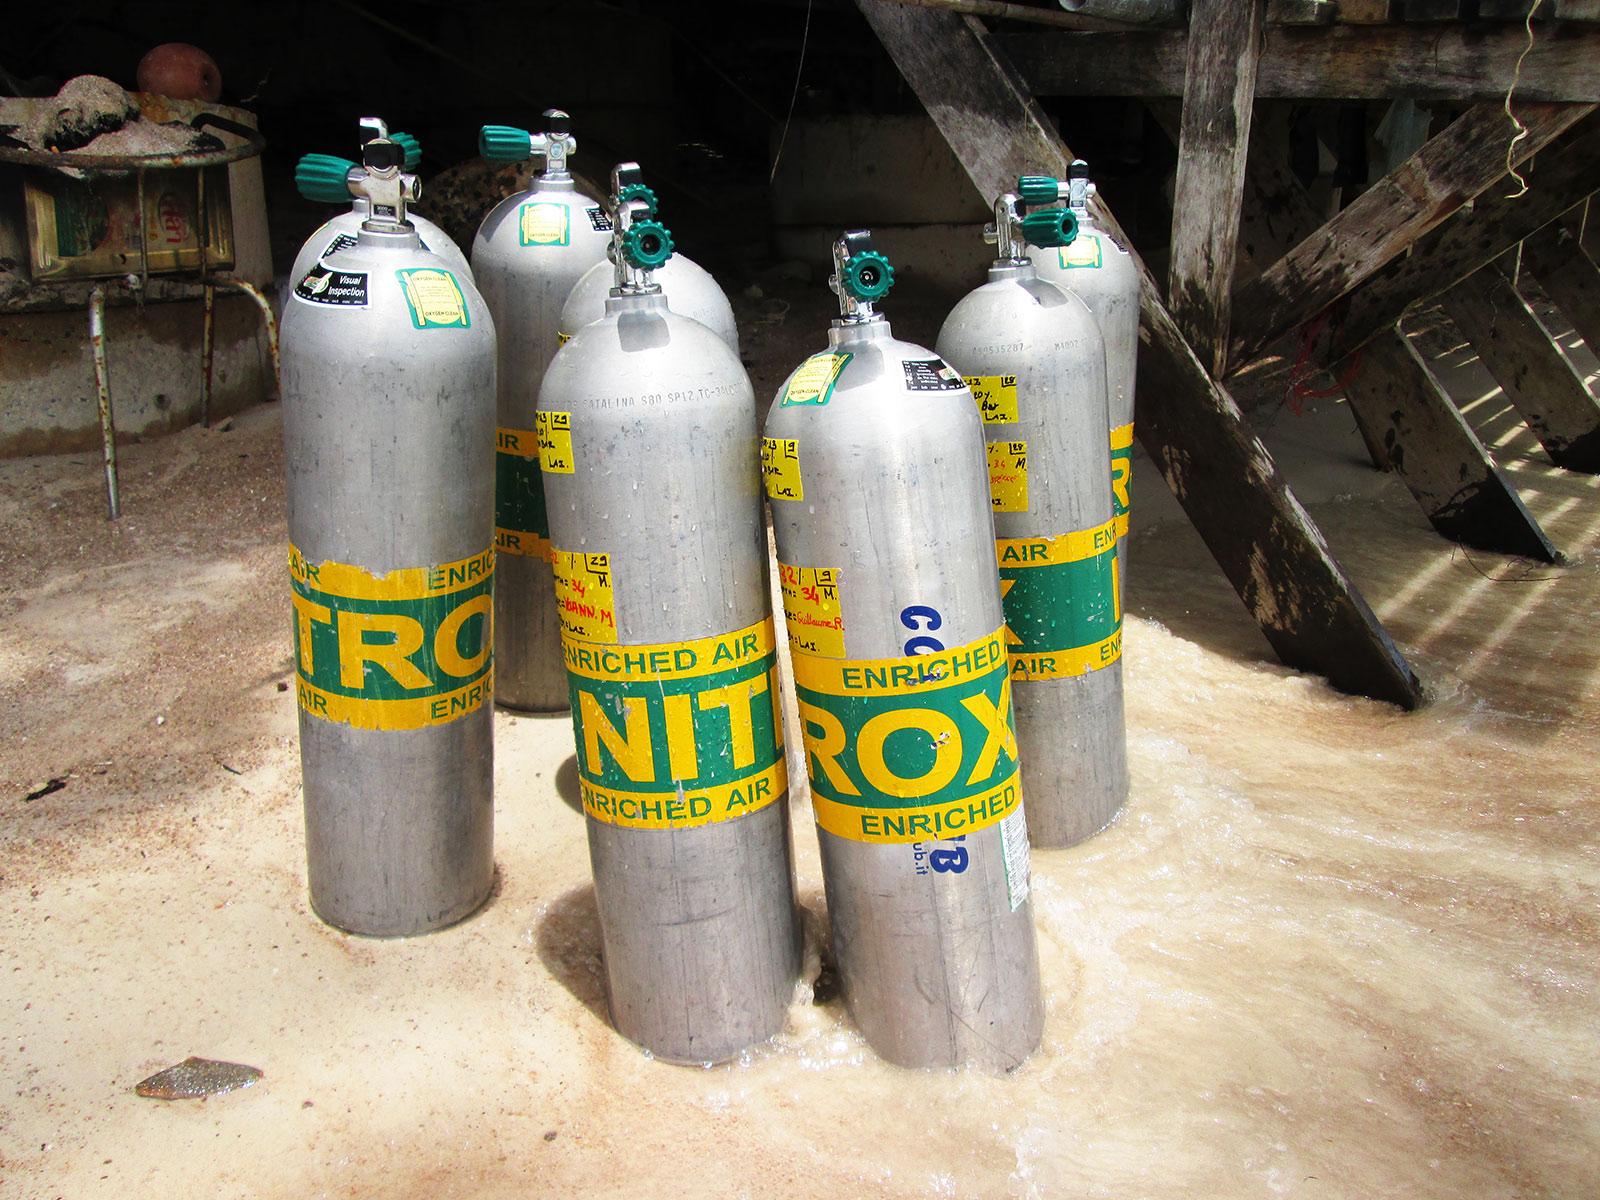 Nitrox Tauchflaschen für den Tauchkurs